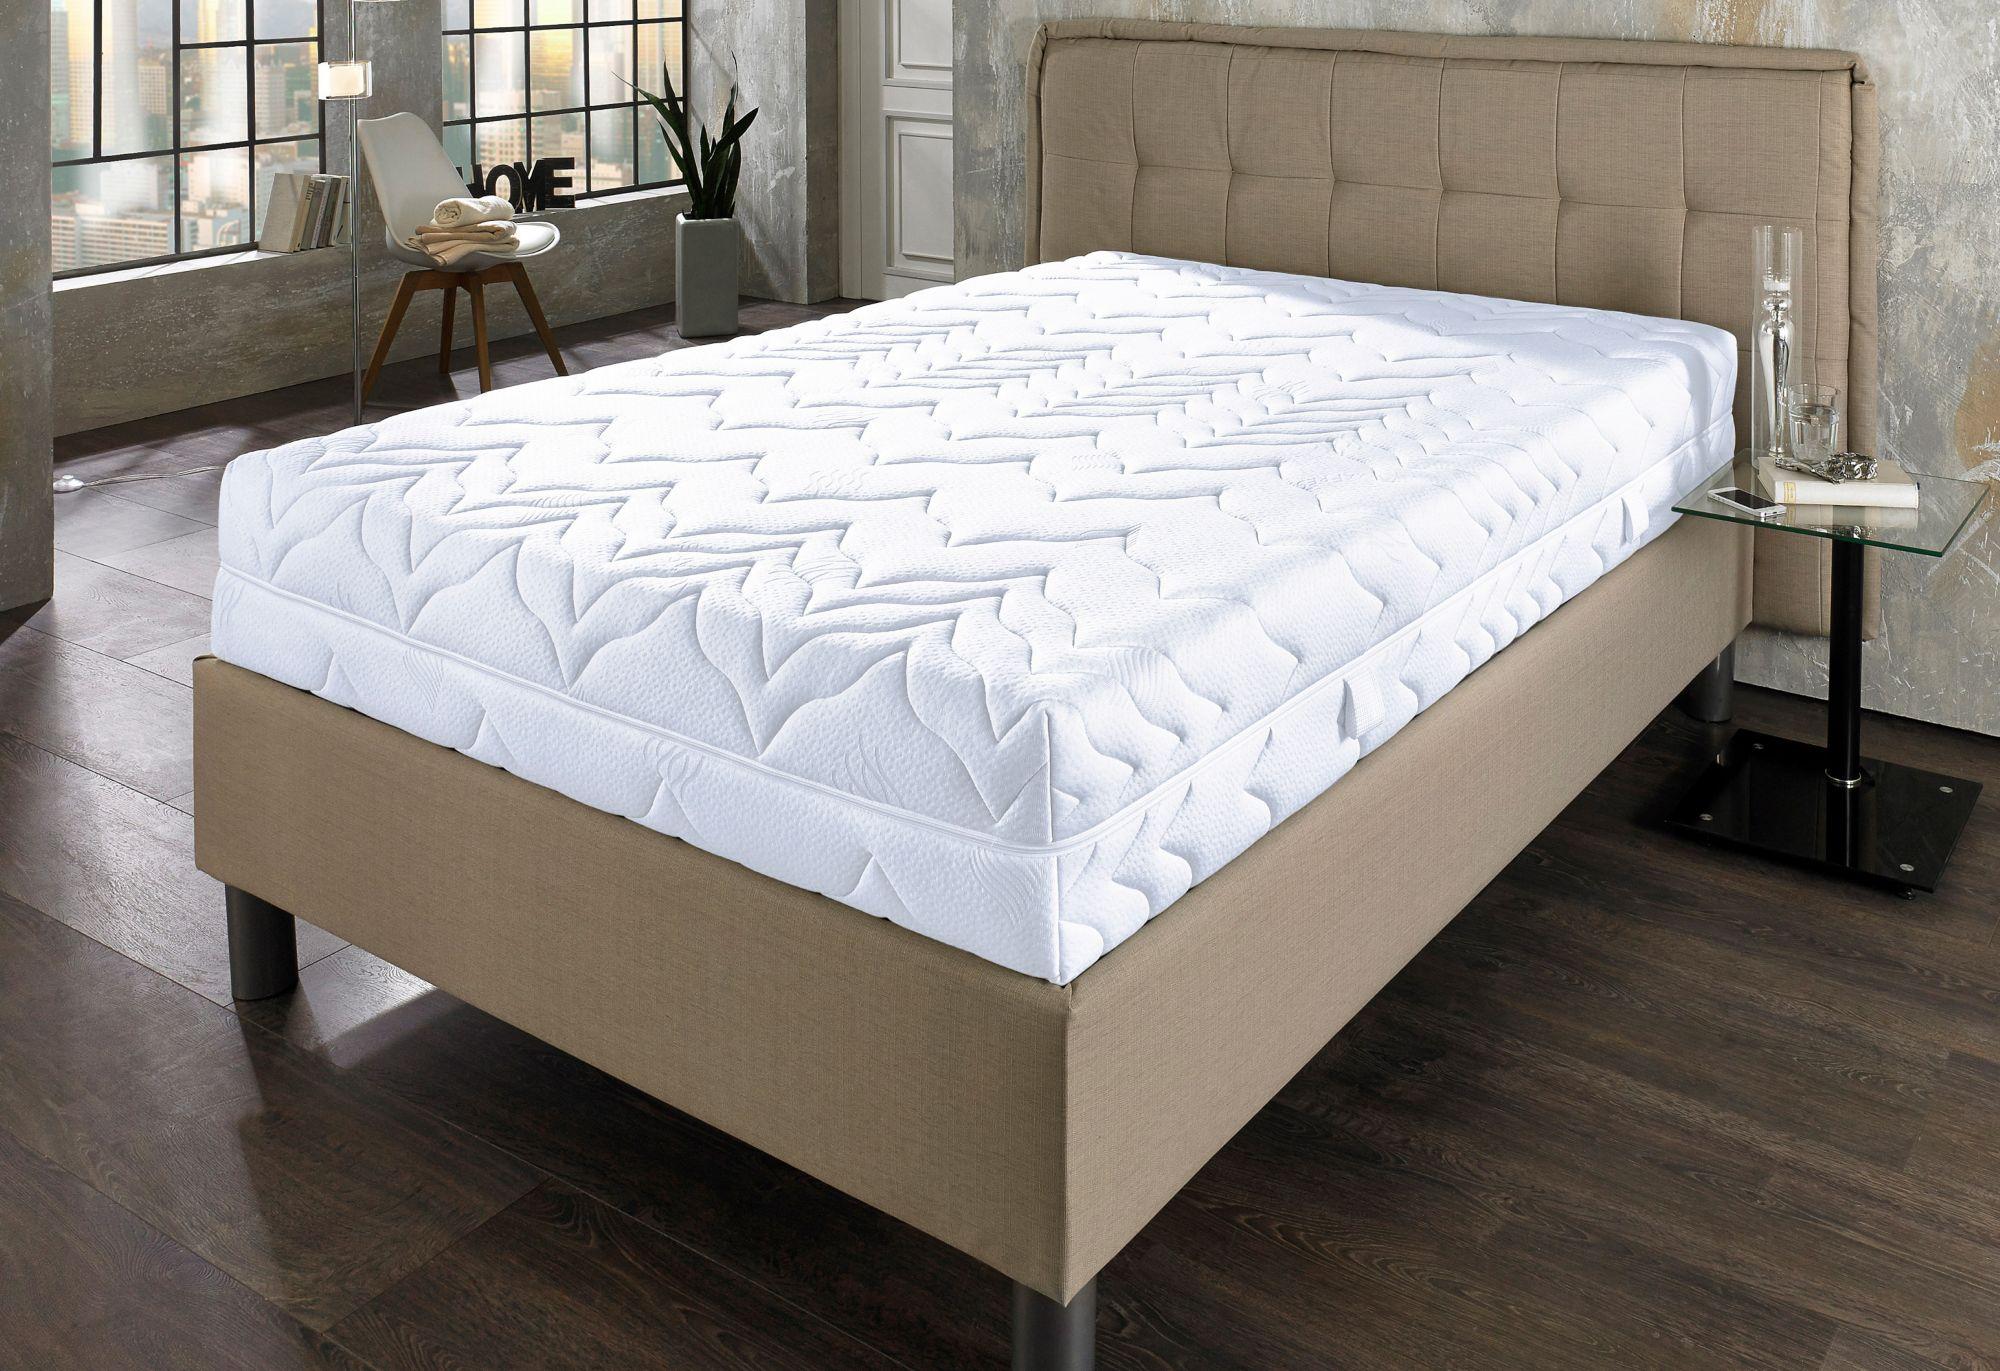 BECO Komfortschaummatratze, »Maxi Big KS«, BeCo, 29 cm hoch, Raumgewicht: 30, mit besonders wirksamen 7 Liegezonen